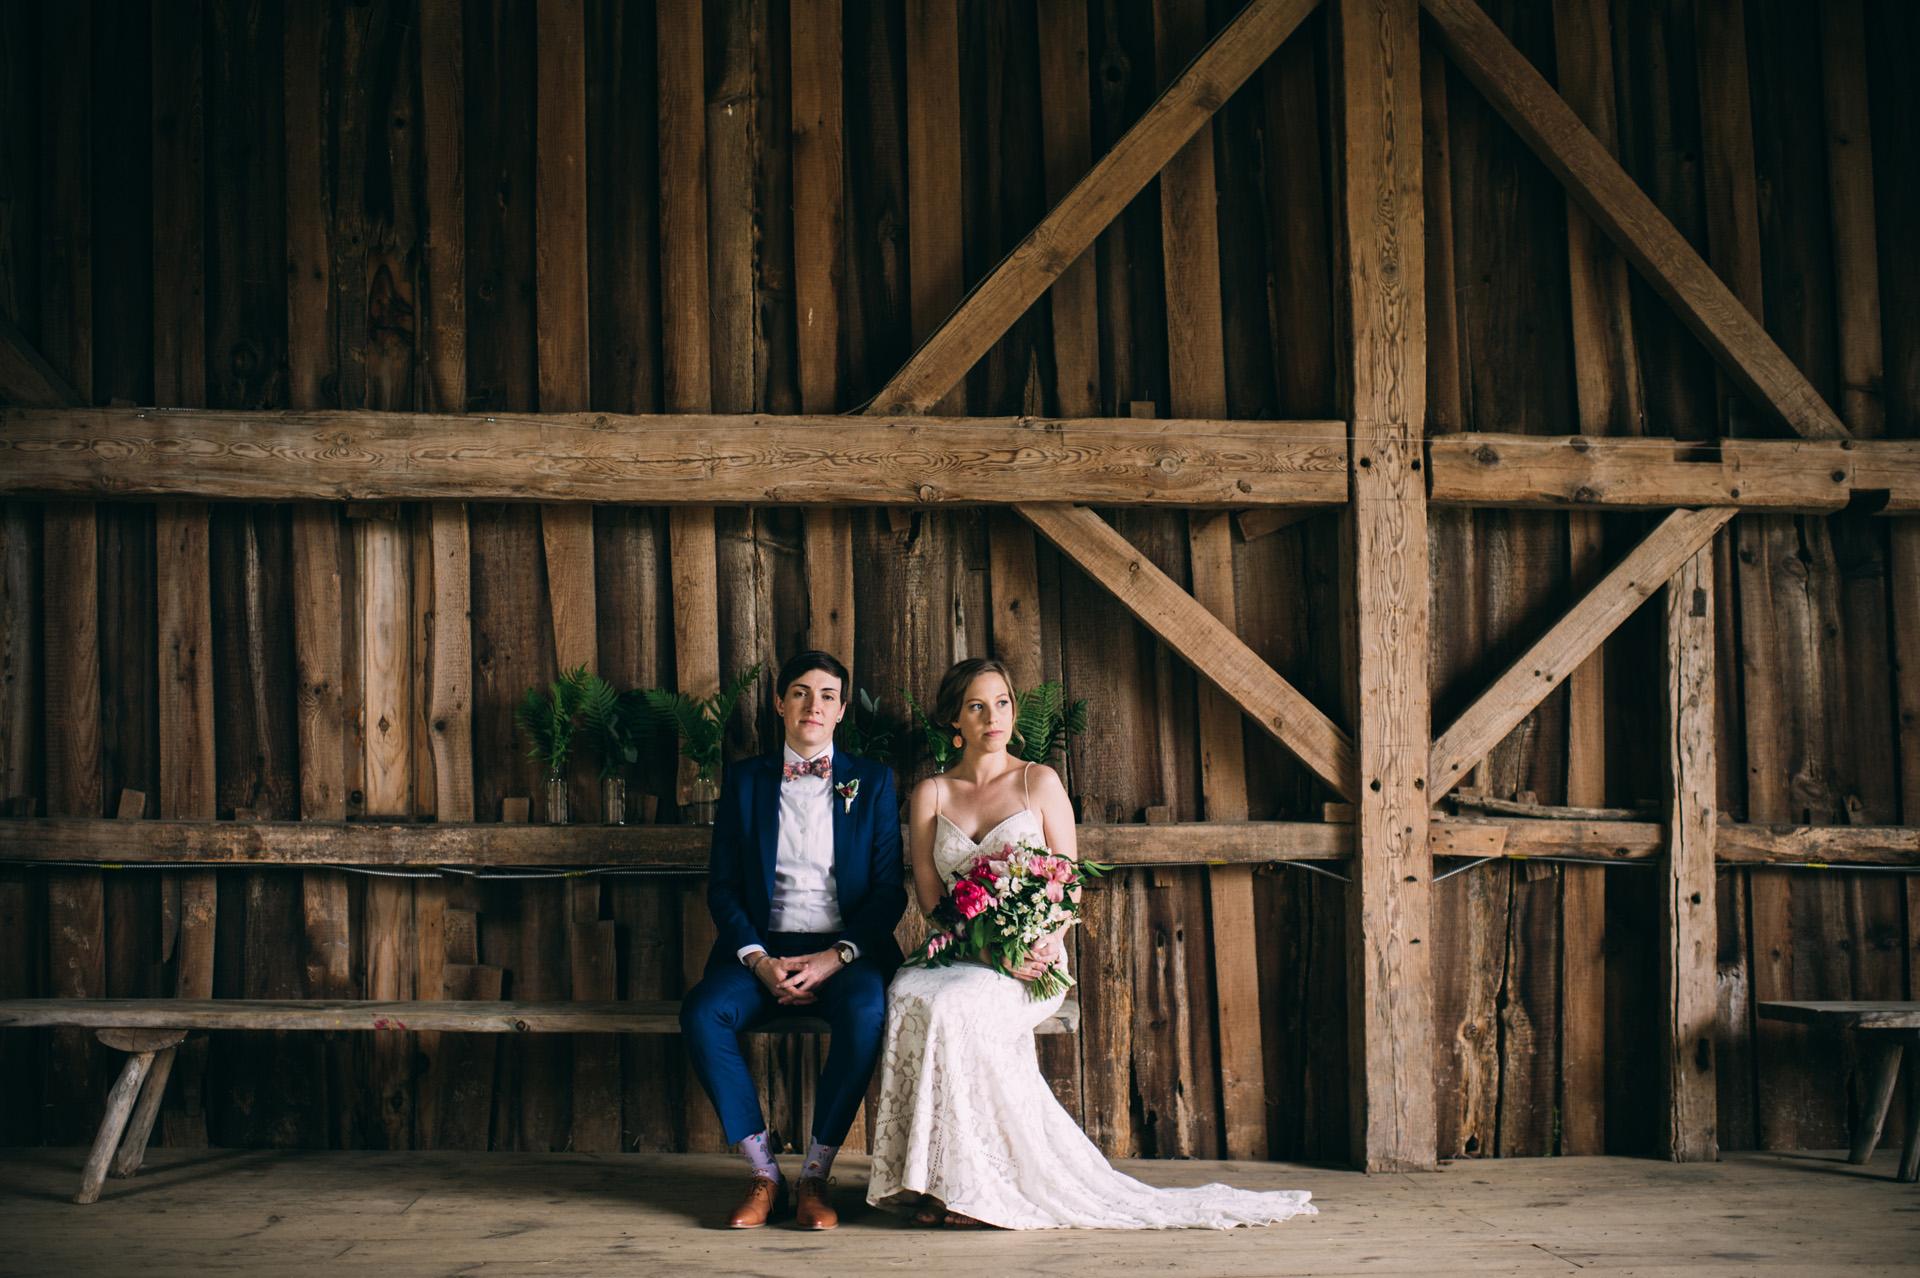 broadturn-farm-wedding-27